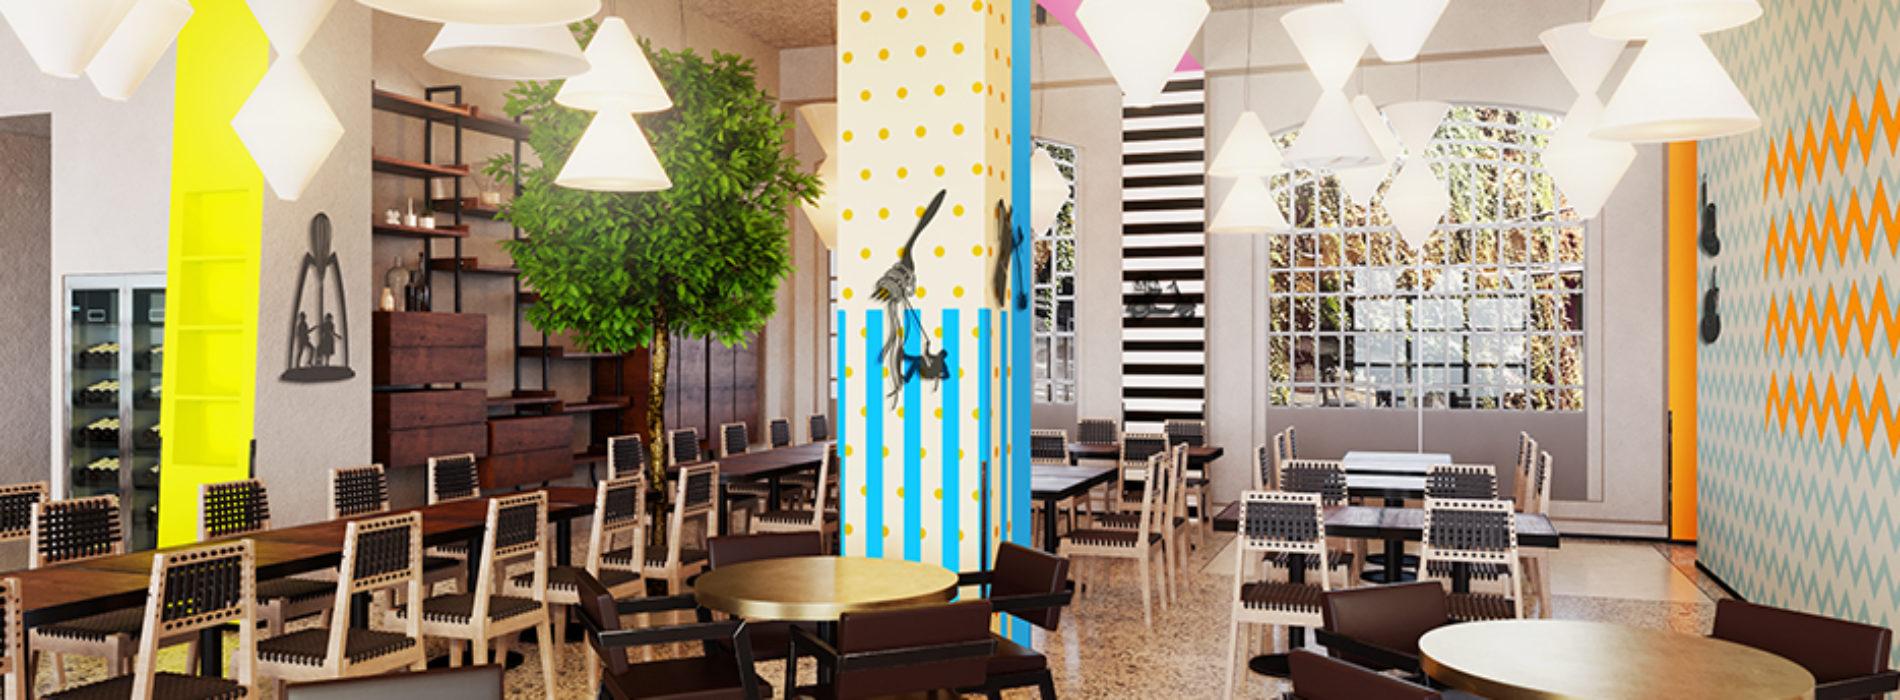 Spica Milano, il secondo ristorante di Ritu Dalmia sarà un viaggio attorno al mondo